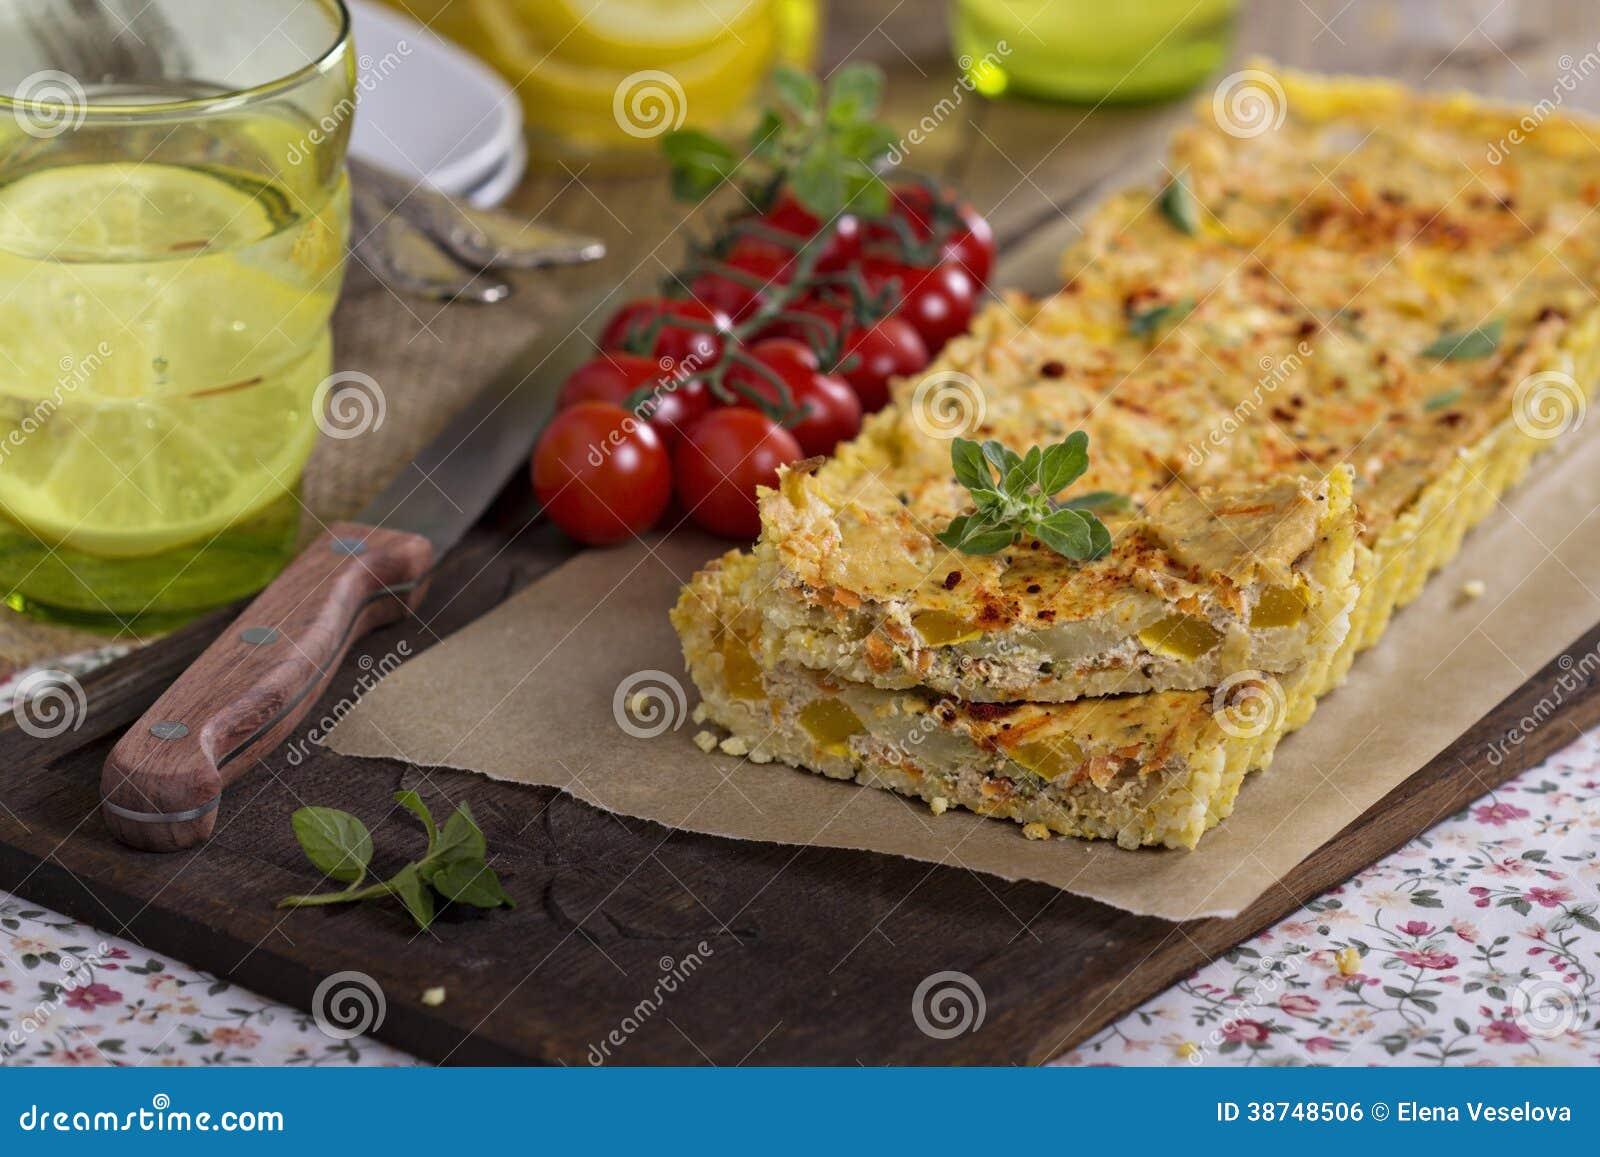 Vegan quiche with tofu